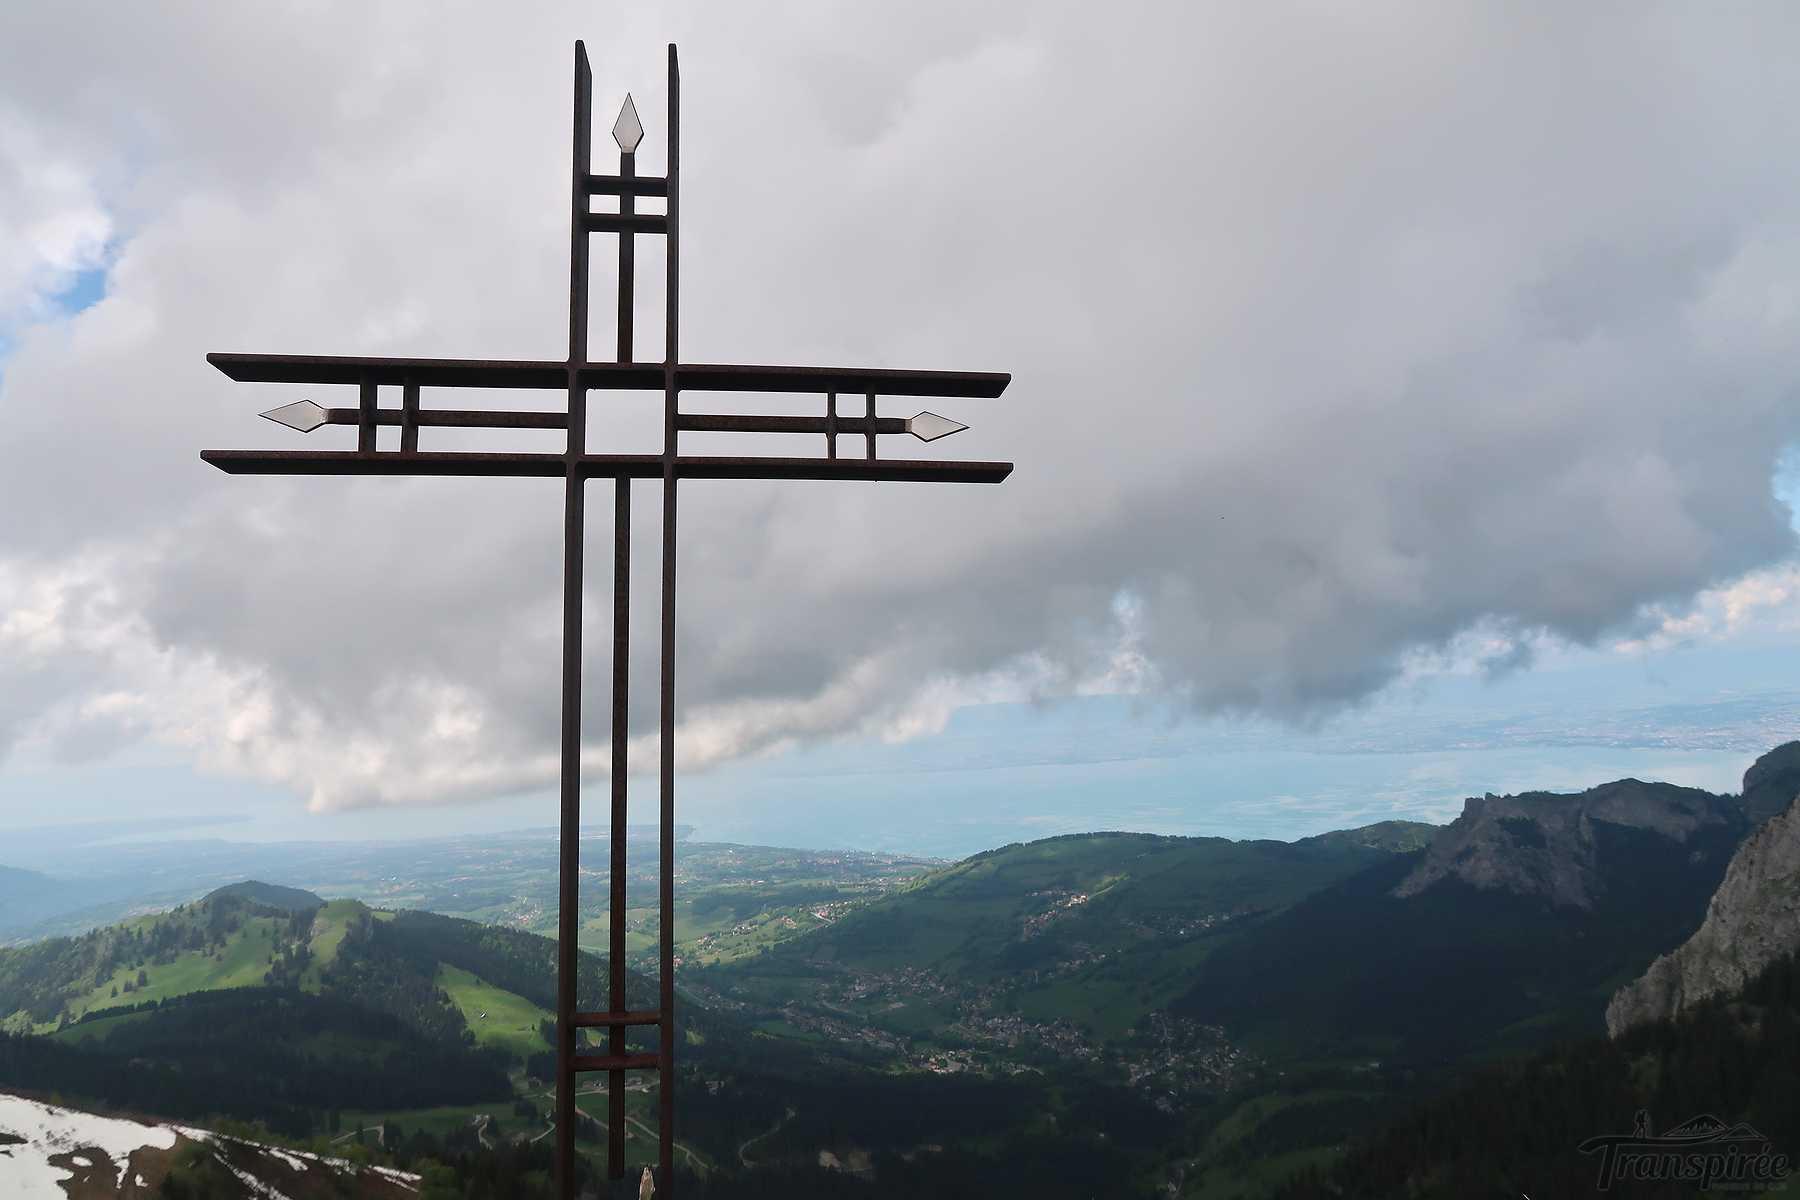 Randonnée à la Pointe de Pelluaz depuis Bernex, le Mont Baron et la Tête des Fieux